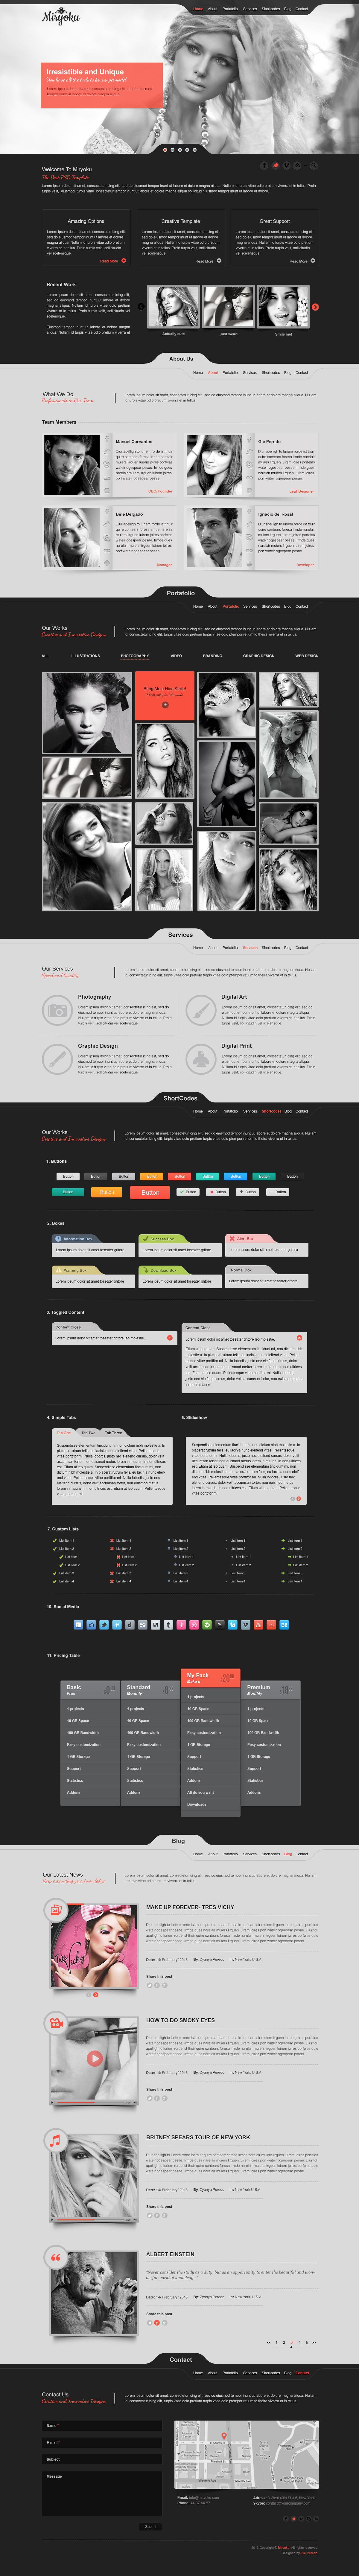 Miryoku one page psd template